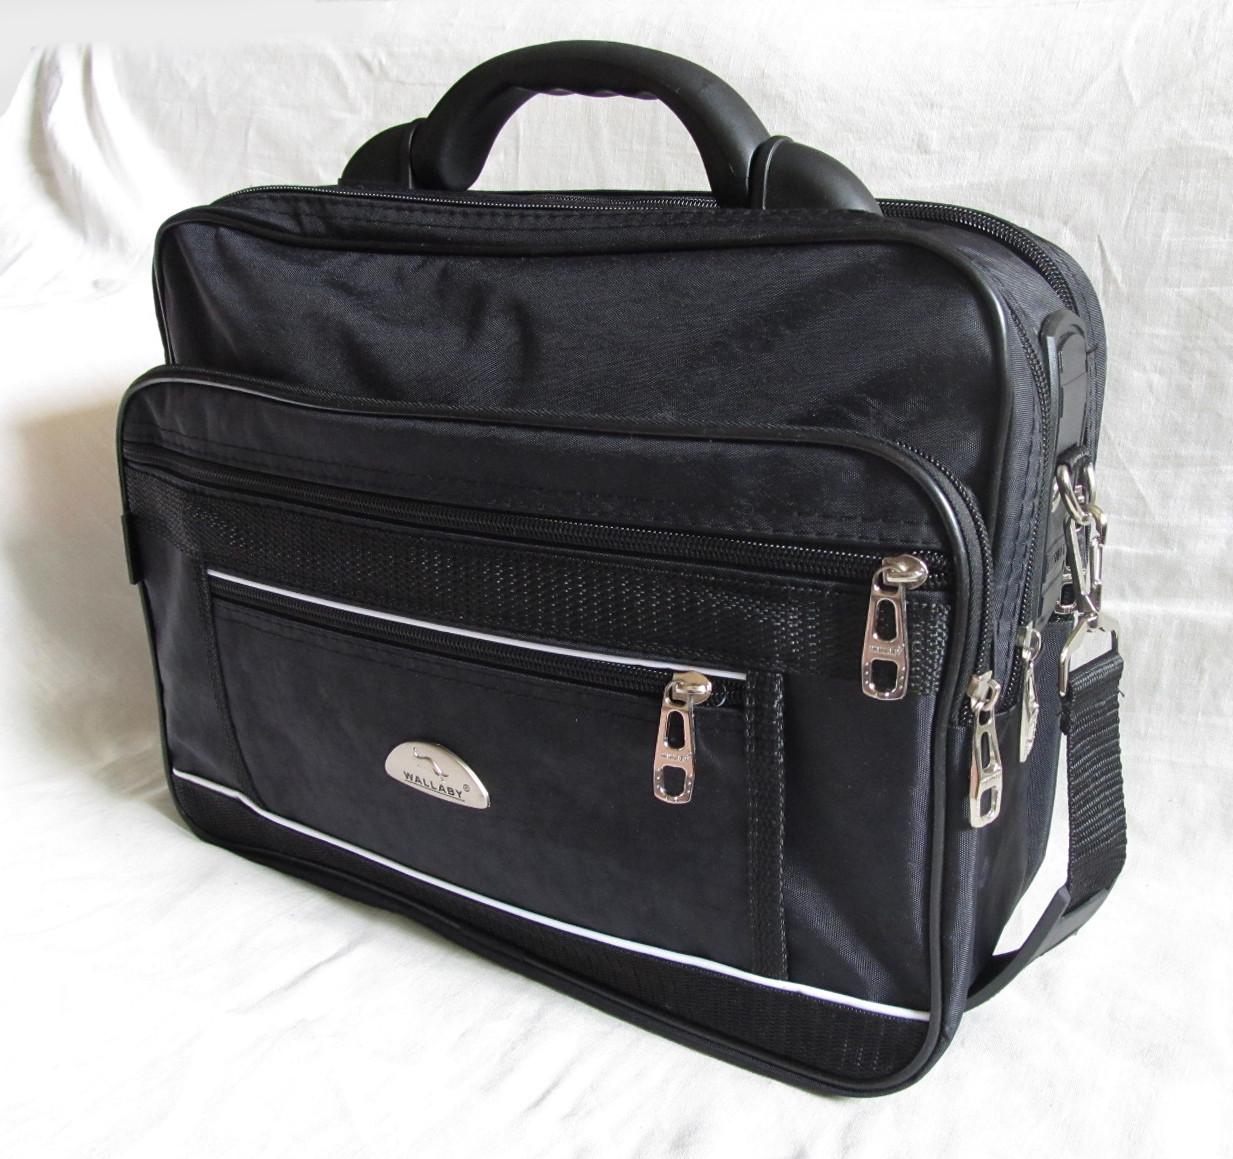 bfa30118c2b4 Мужская сумка Wallaby 2513 черная полукаркасная барсетка через плечо папка  портфель А4 35х27х15см - Интернет-